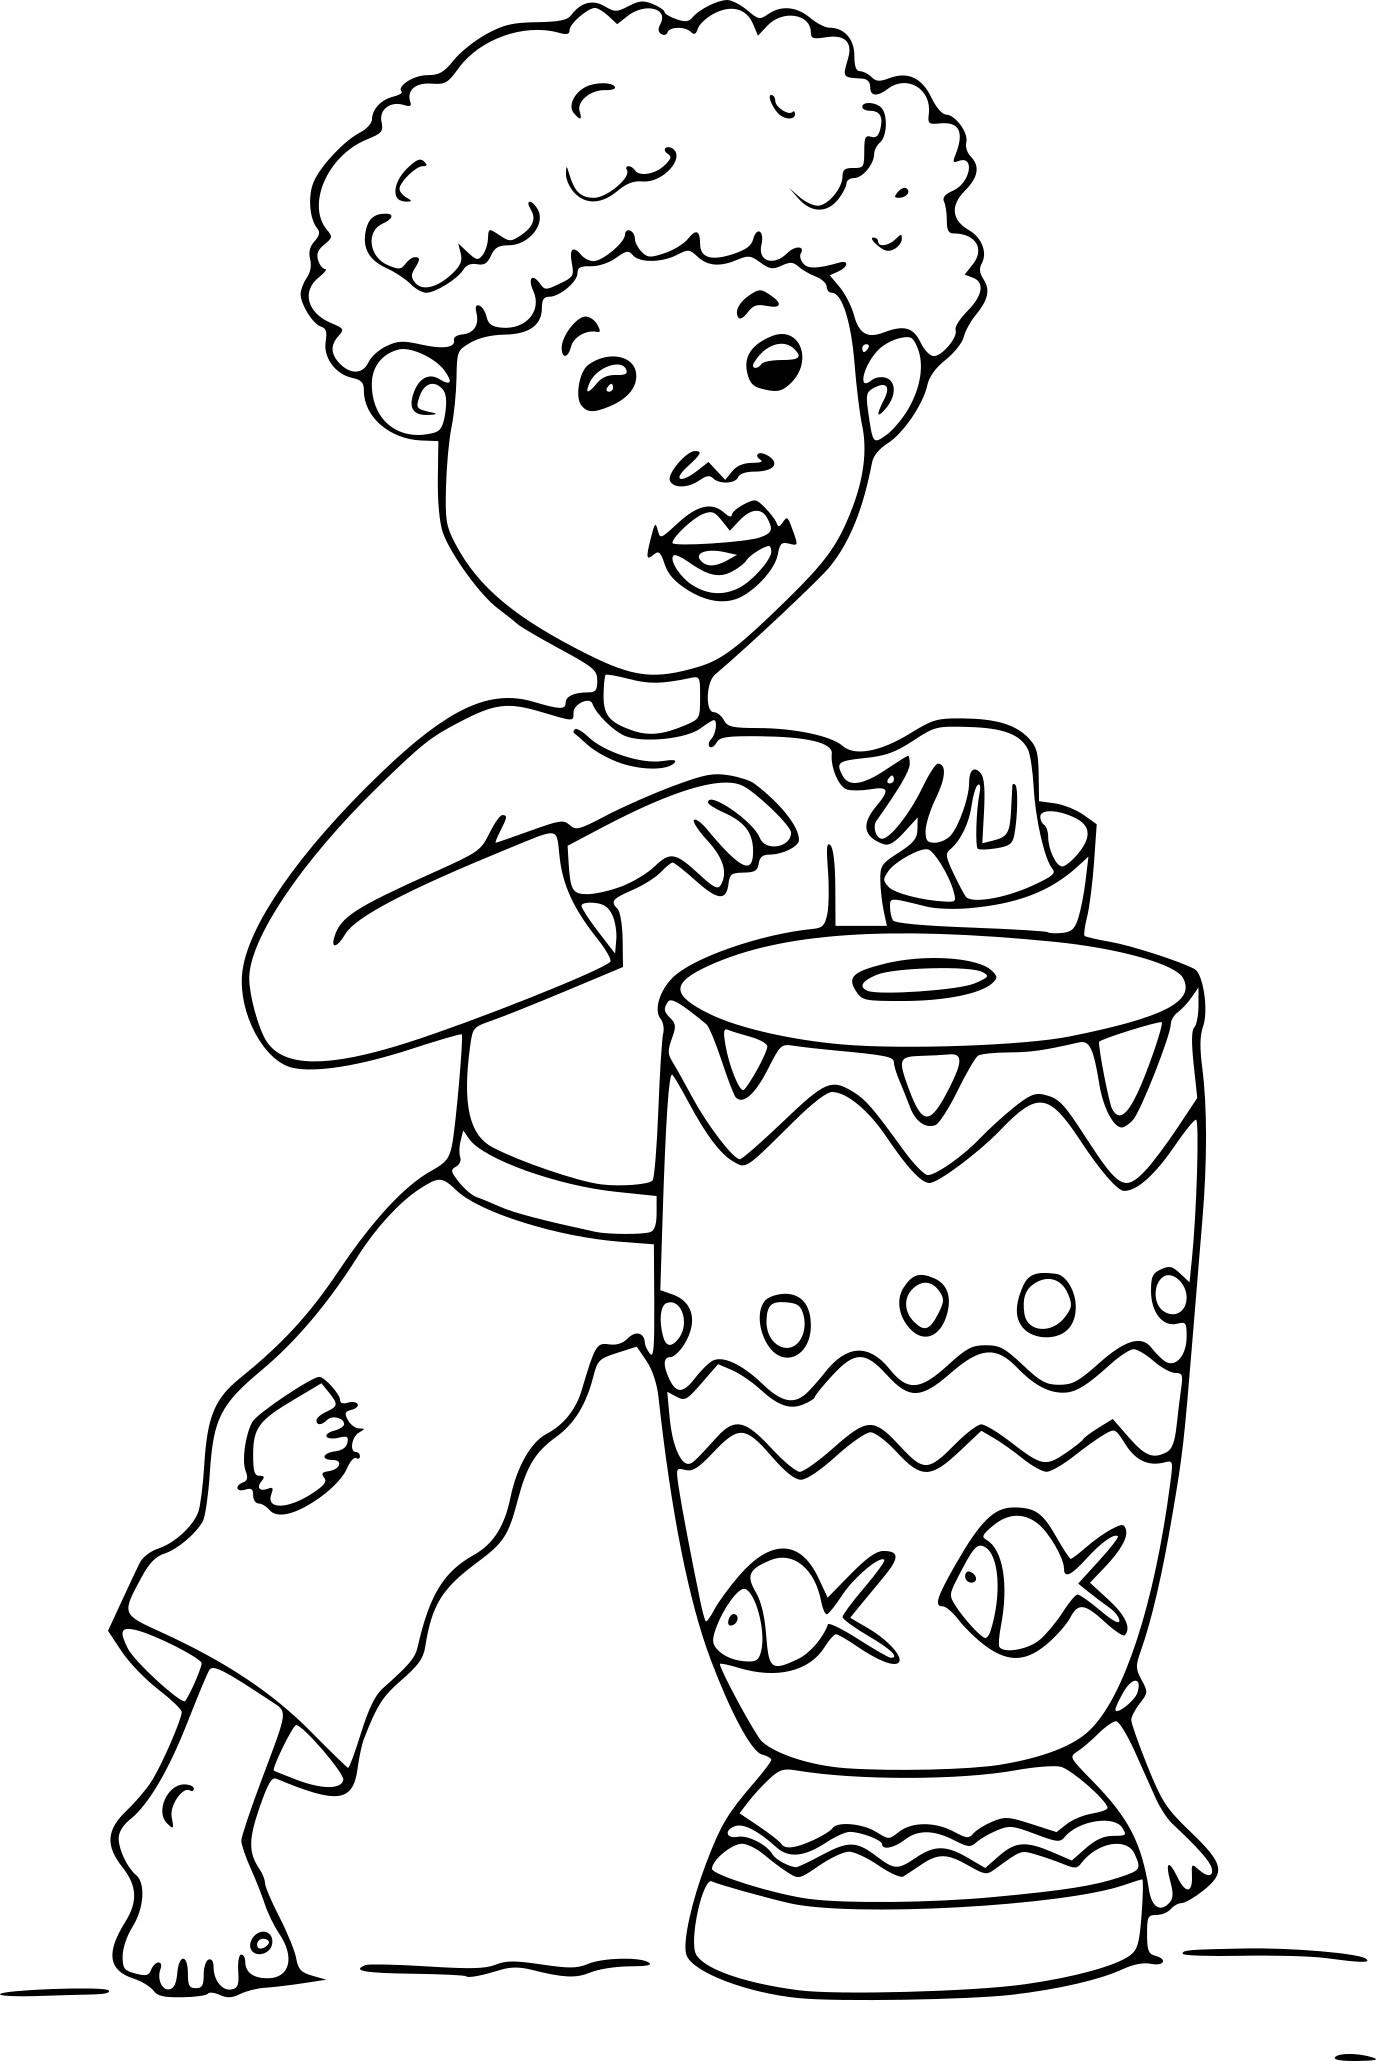 Coloriage Afrique Dessin À Imprimer Sur Coloriages intérieur Dessin Africain A Colorier